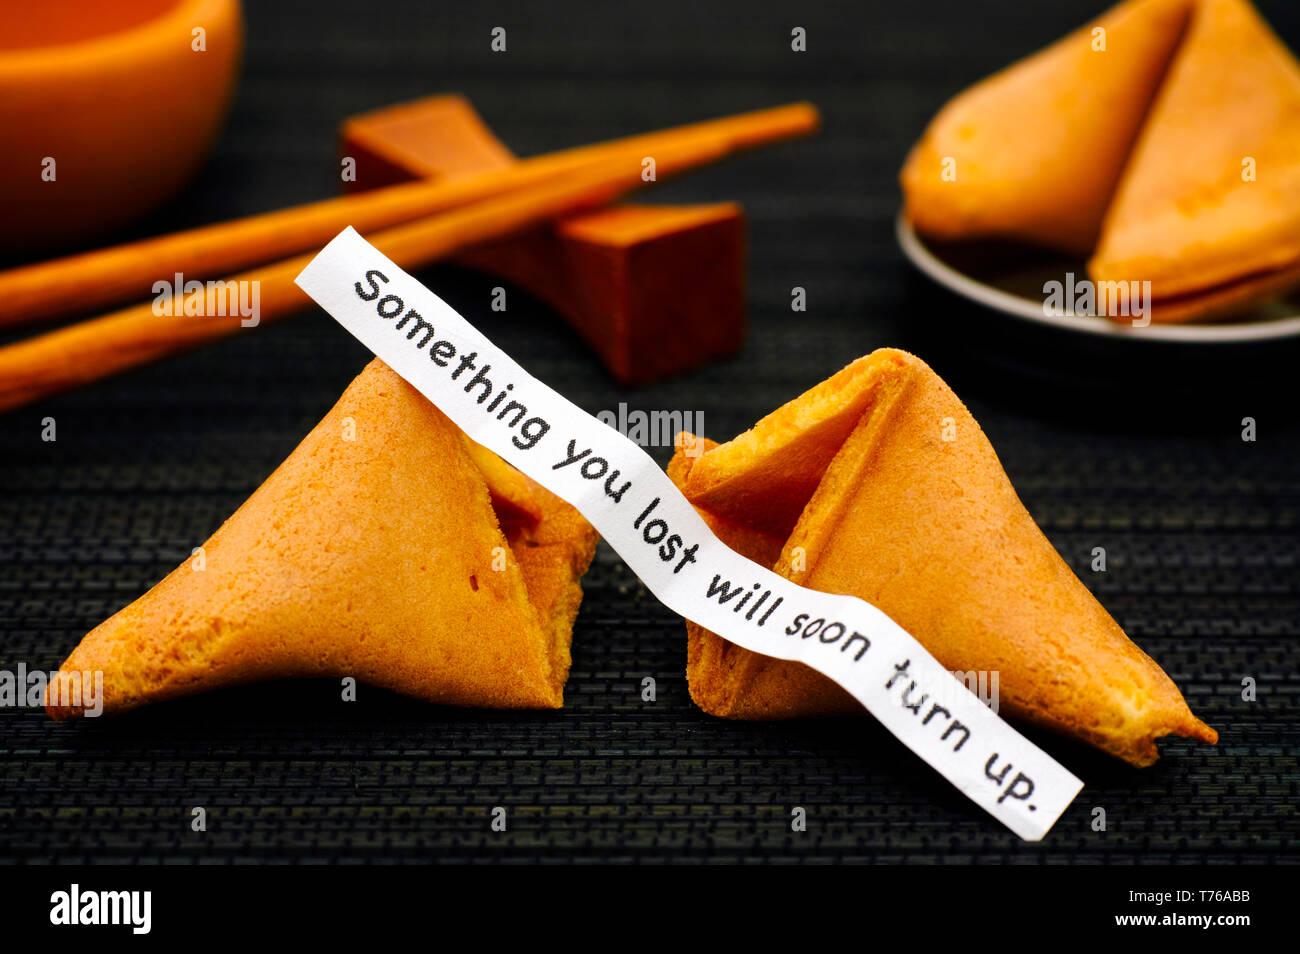 Streifen Papier mit dem Satz etwas, das Sie Bald drehen Sie verloren. von Fortune cookie, ein anderes Cookie und Essstäbchen auf Schwarz serviette Hintergrund. Stockbild